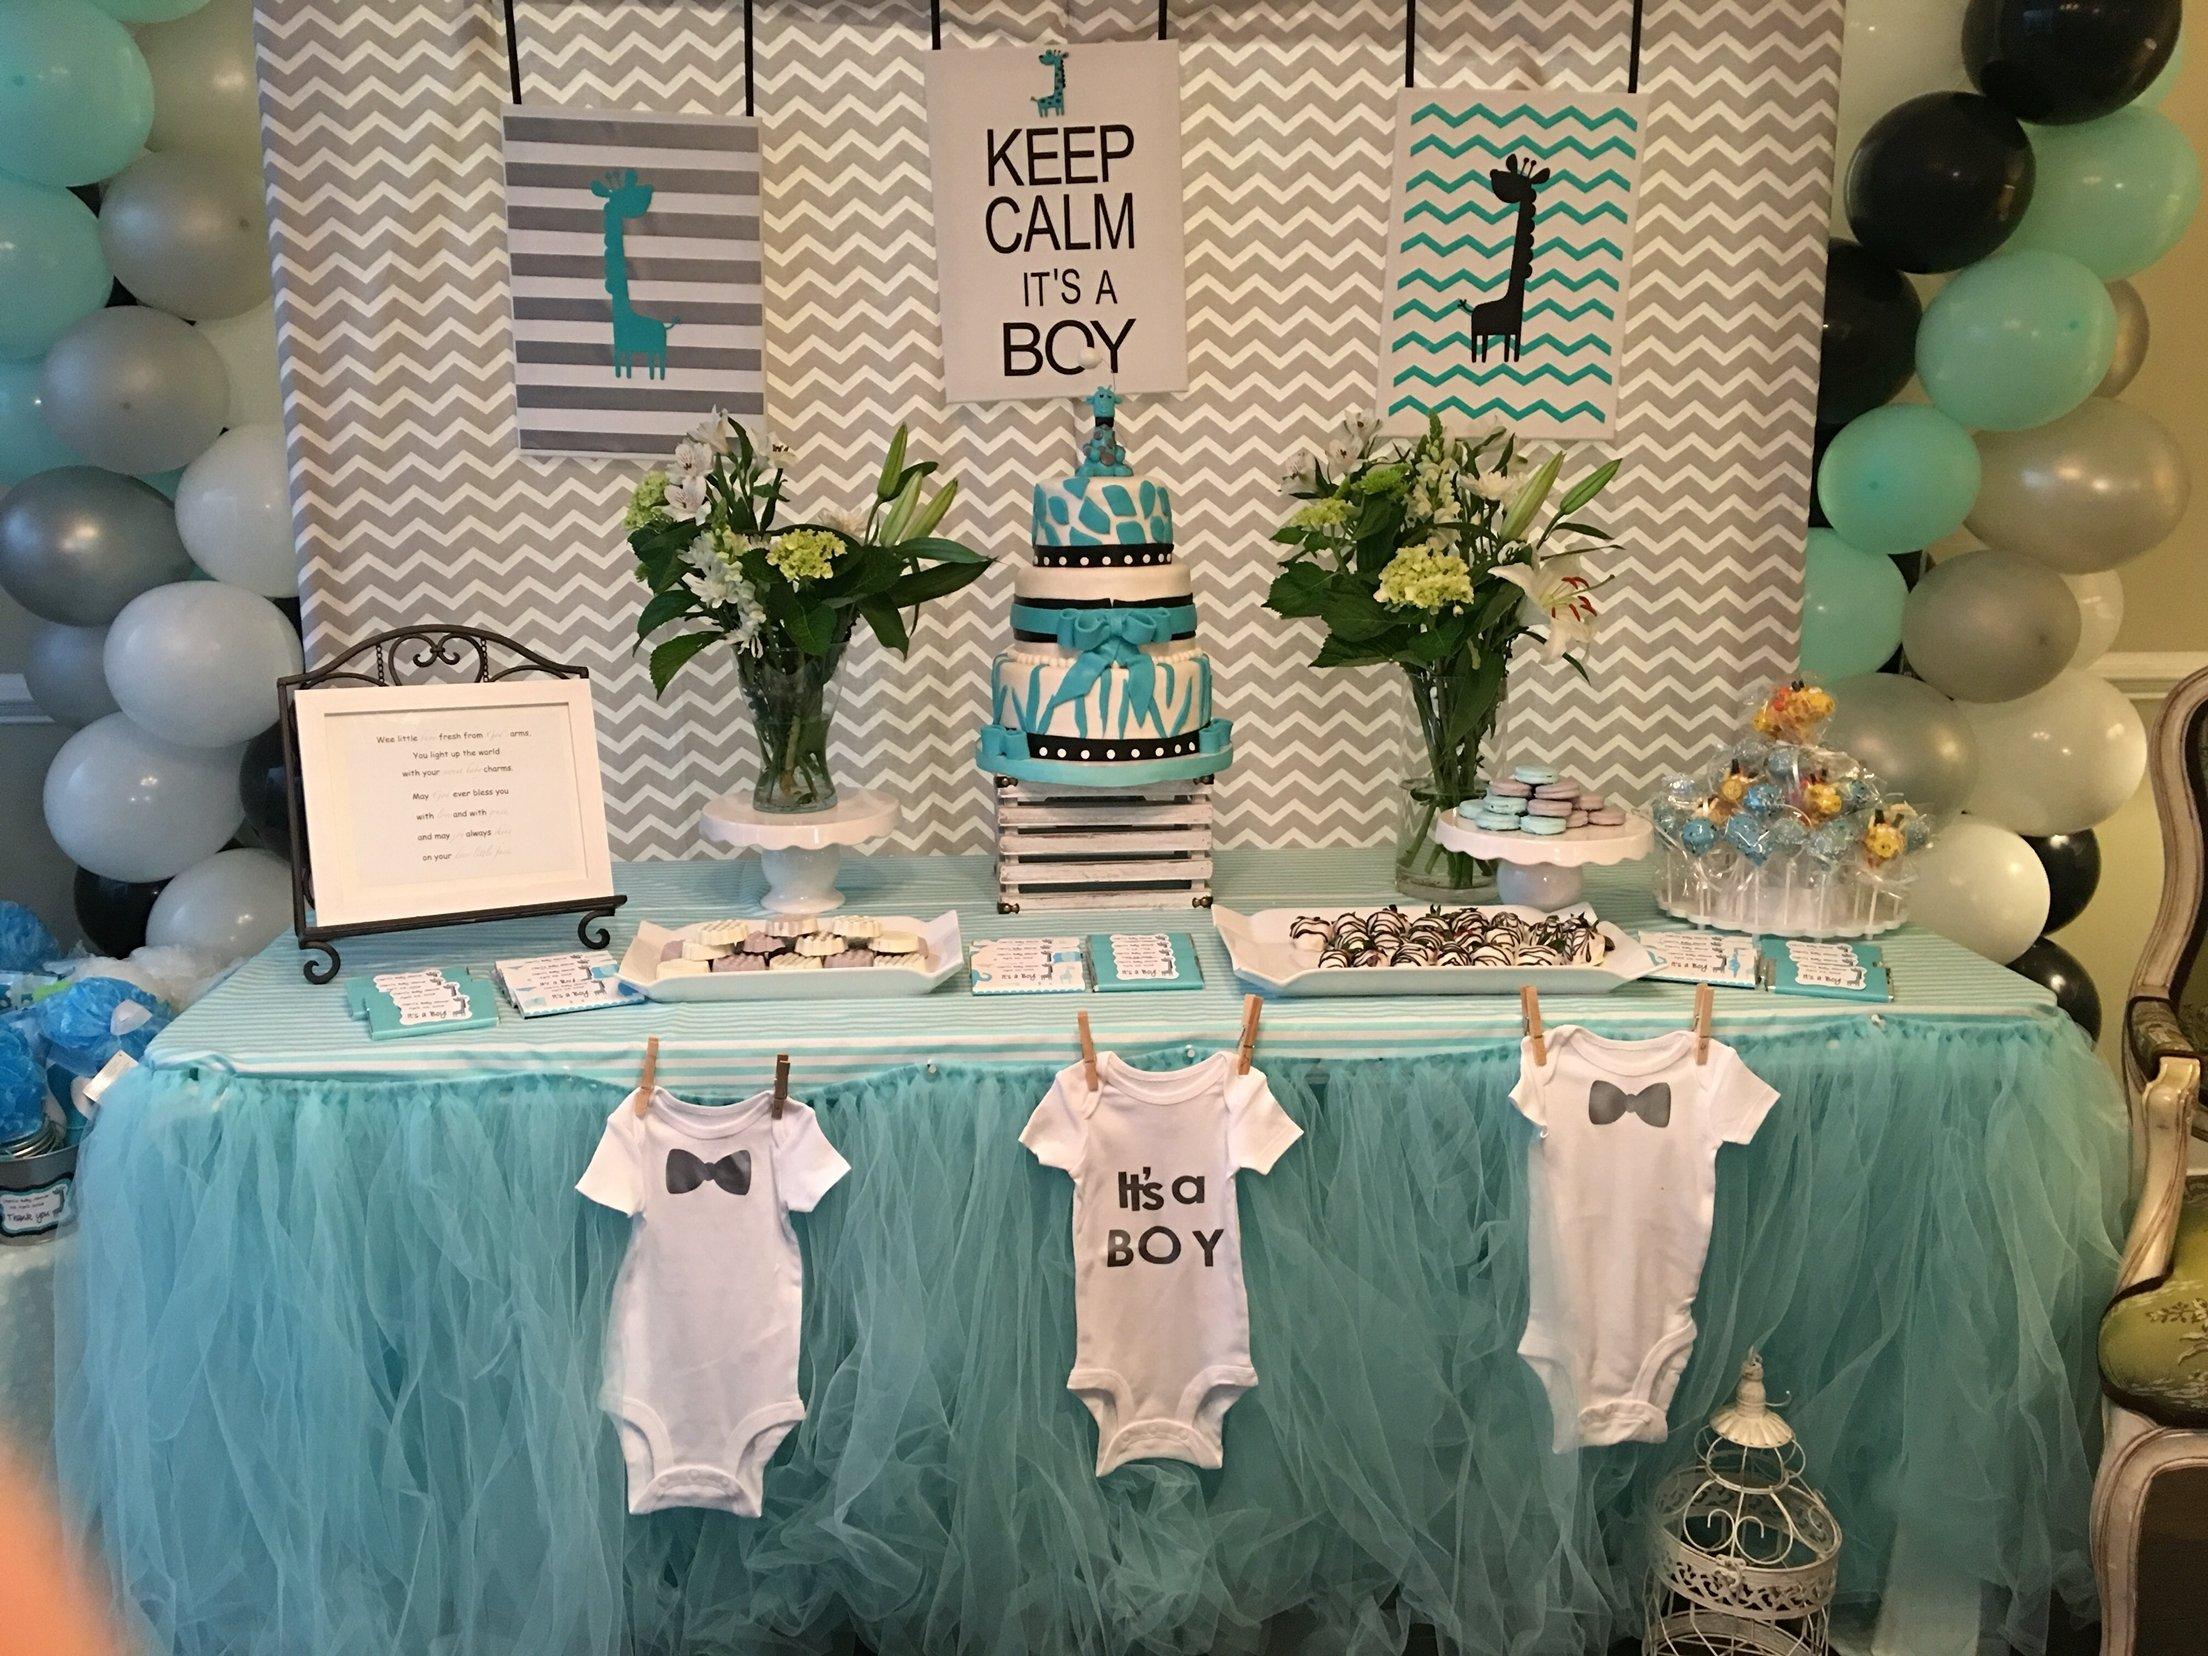 10 Unique Cheap Baby Shower Decoration Ideas appealing baby shower decoration ideas 24 boy decorations themes 1 2020